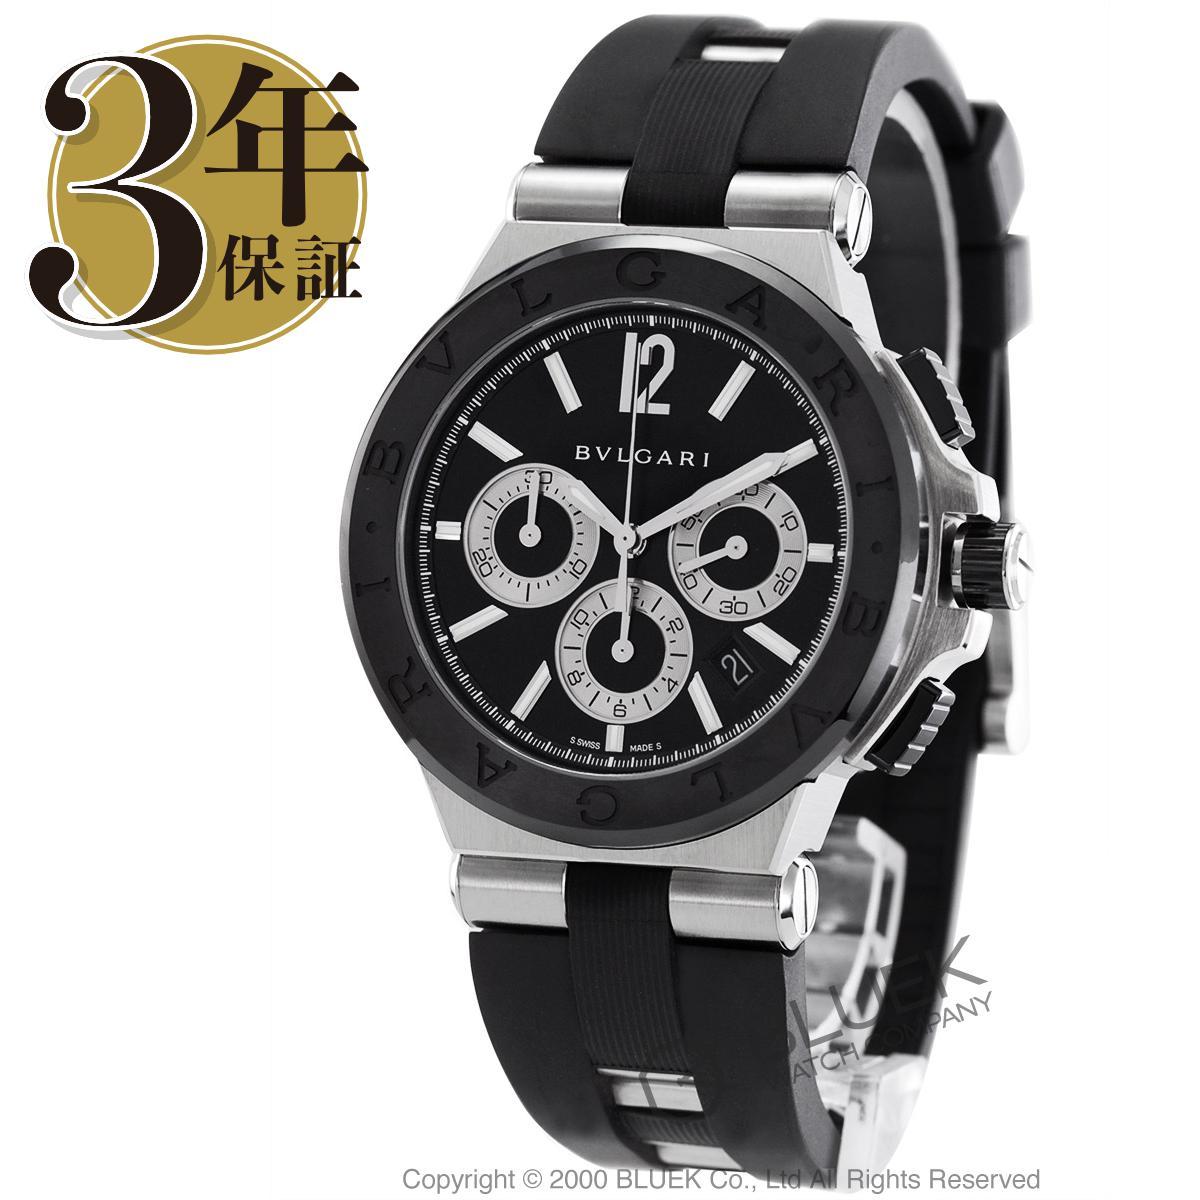 ブルガリ ディアゴノ セラミック クロノグラフ 腕時計 メンズ BVLGARI DG42BSCVDCH_3